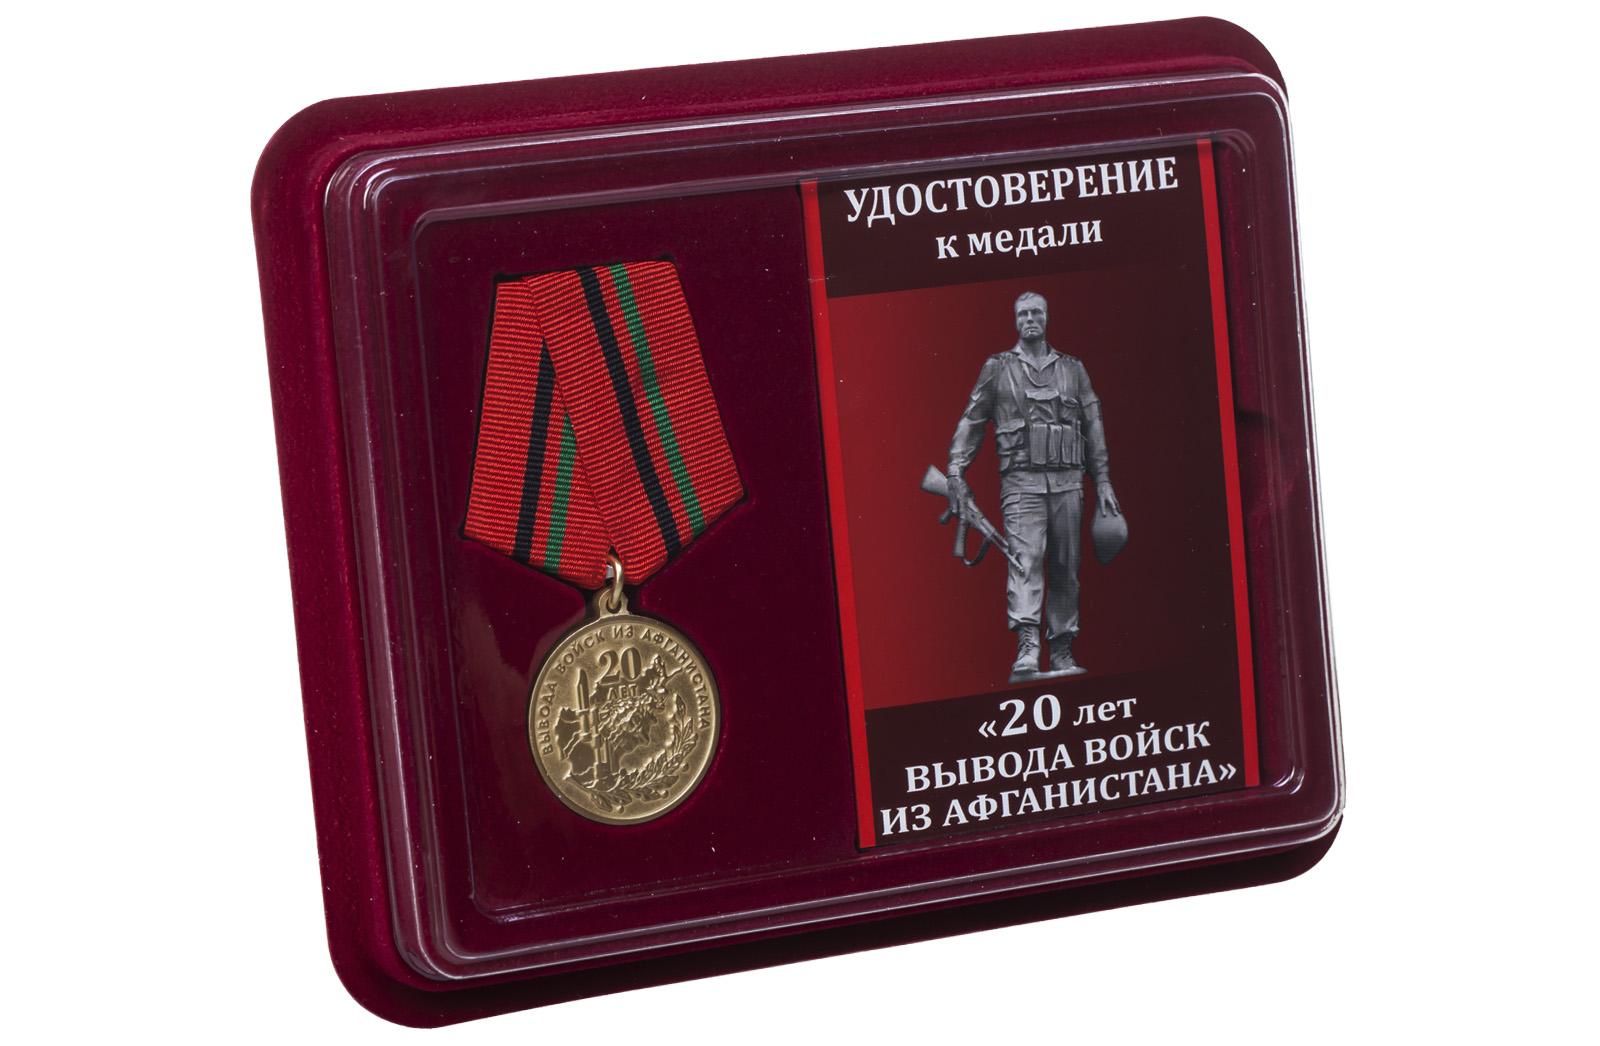 Купить памятную медаль 20 лет вывода войск из Афганистана с доставкой